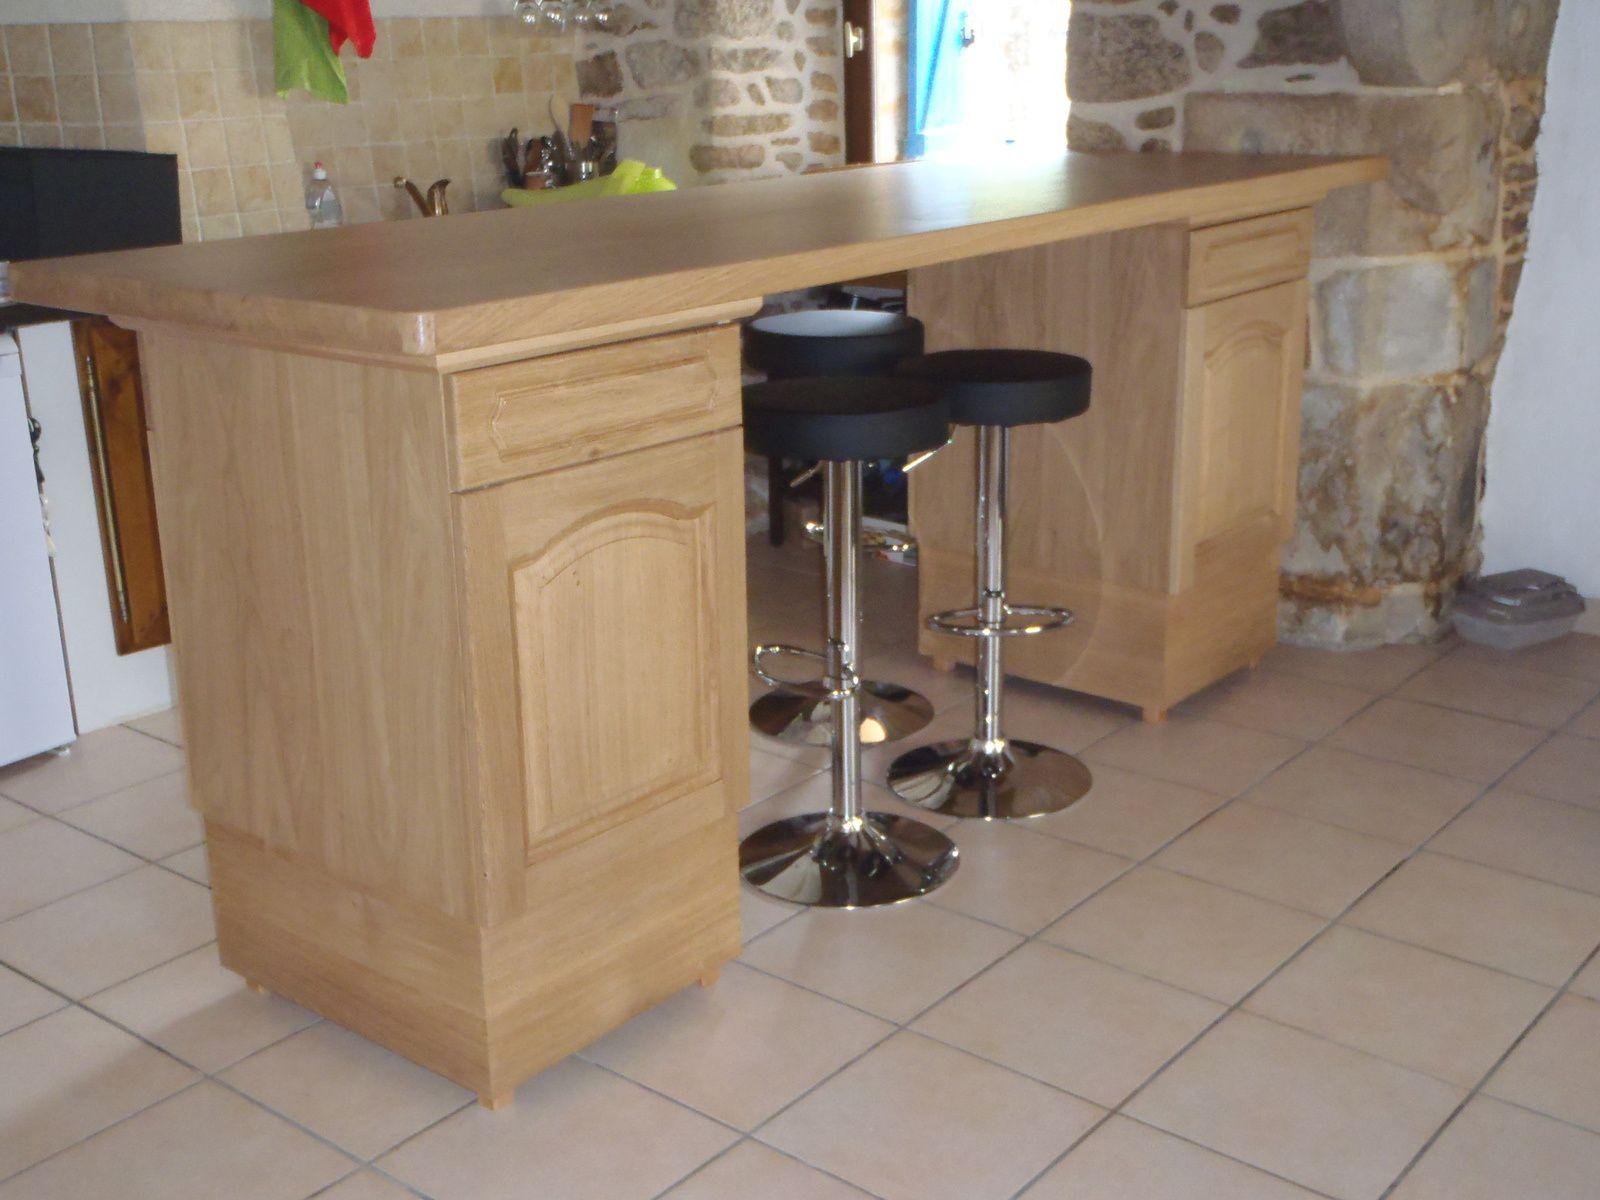 R alisation d 39 un meuble bar dans une cuisine ouverte for Meuble bar cuisine ouverte